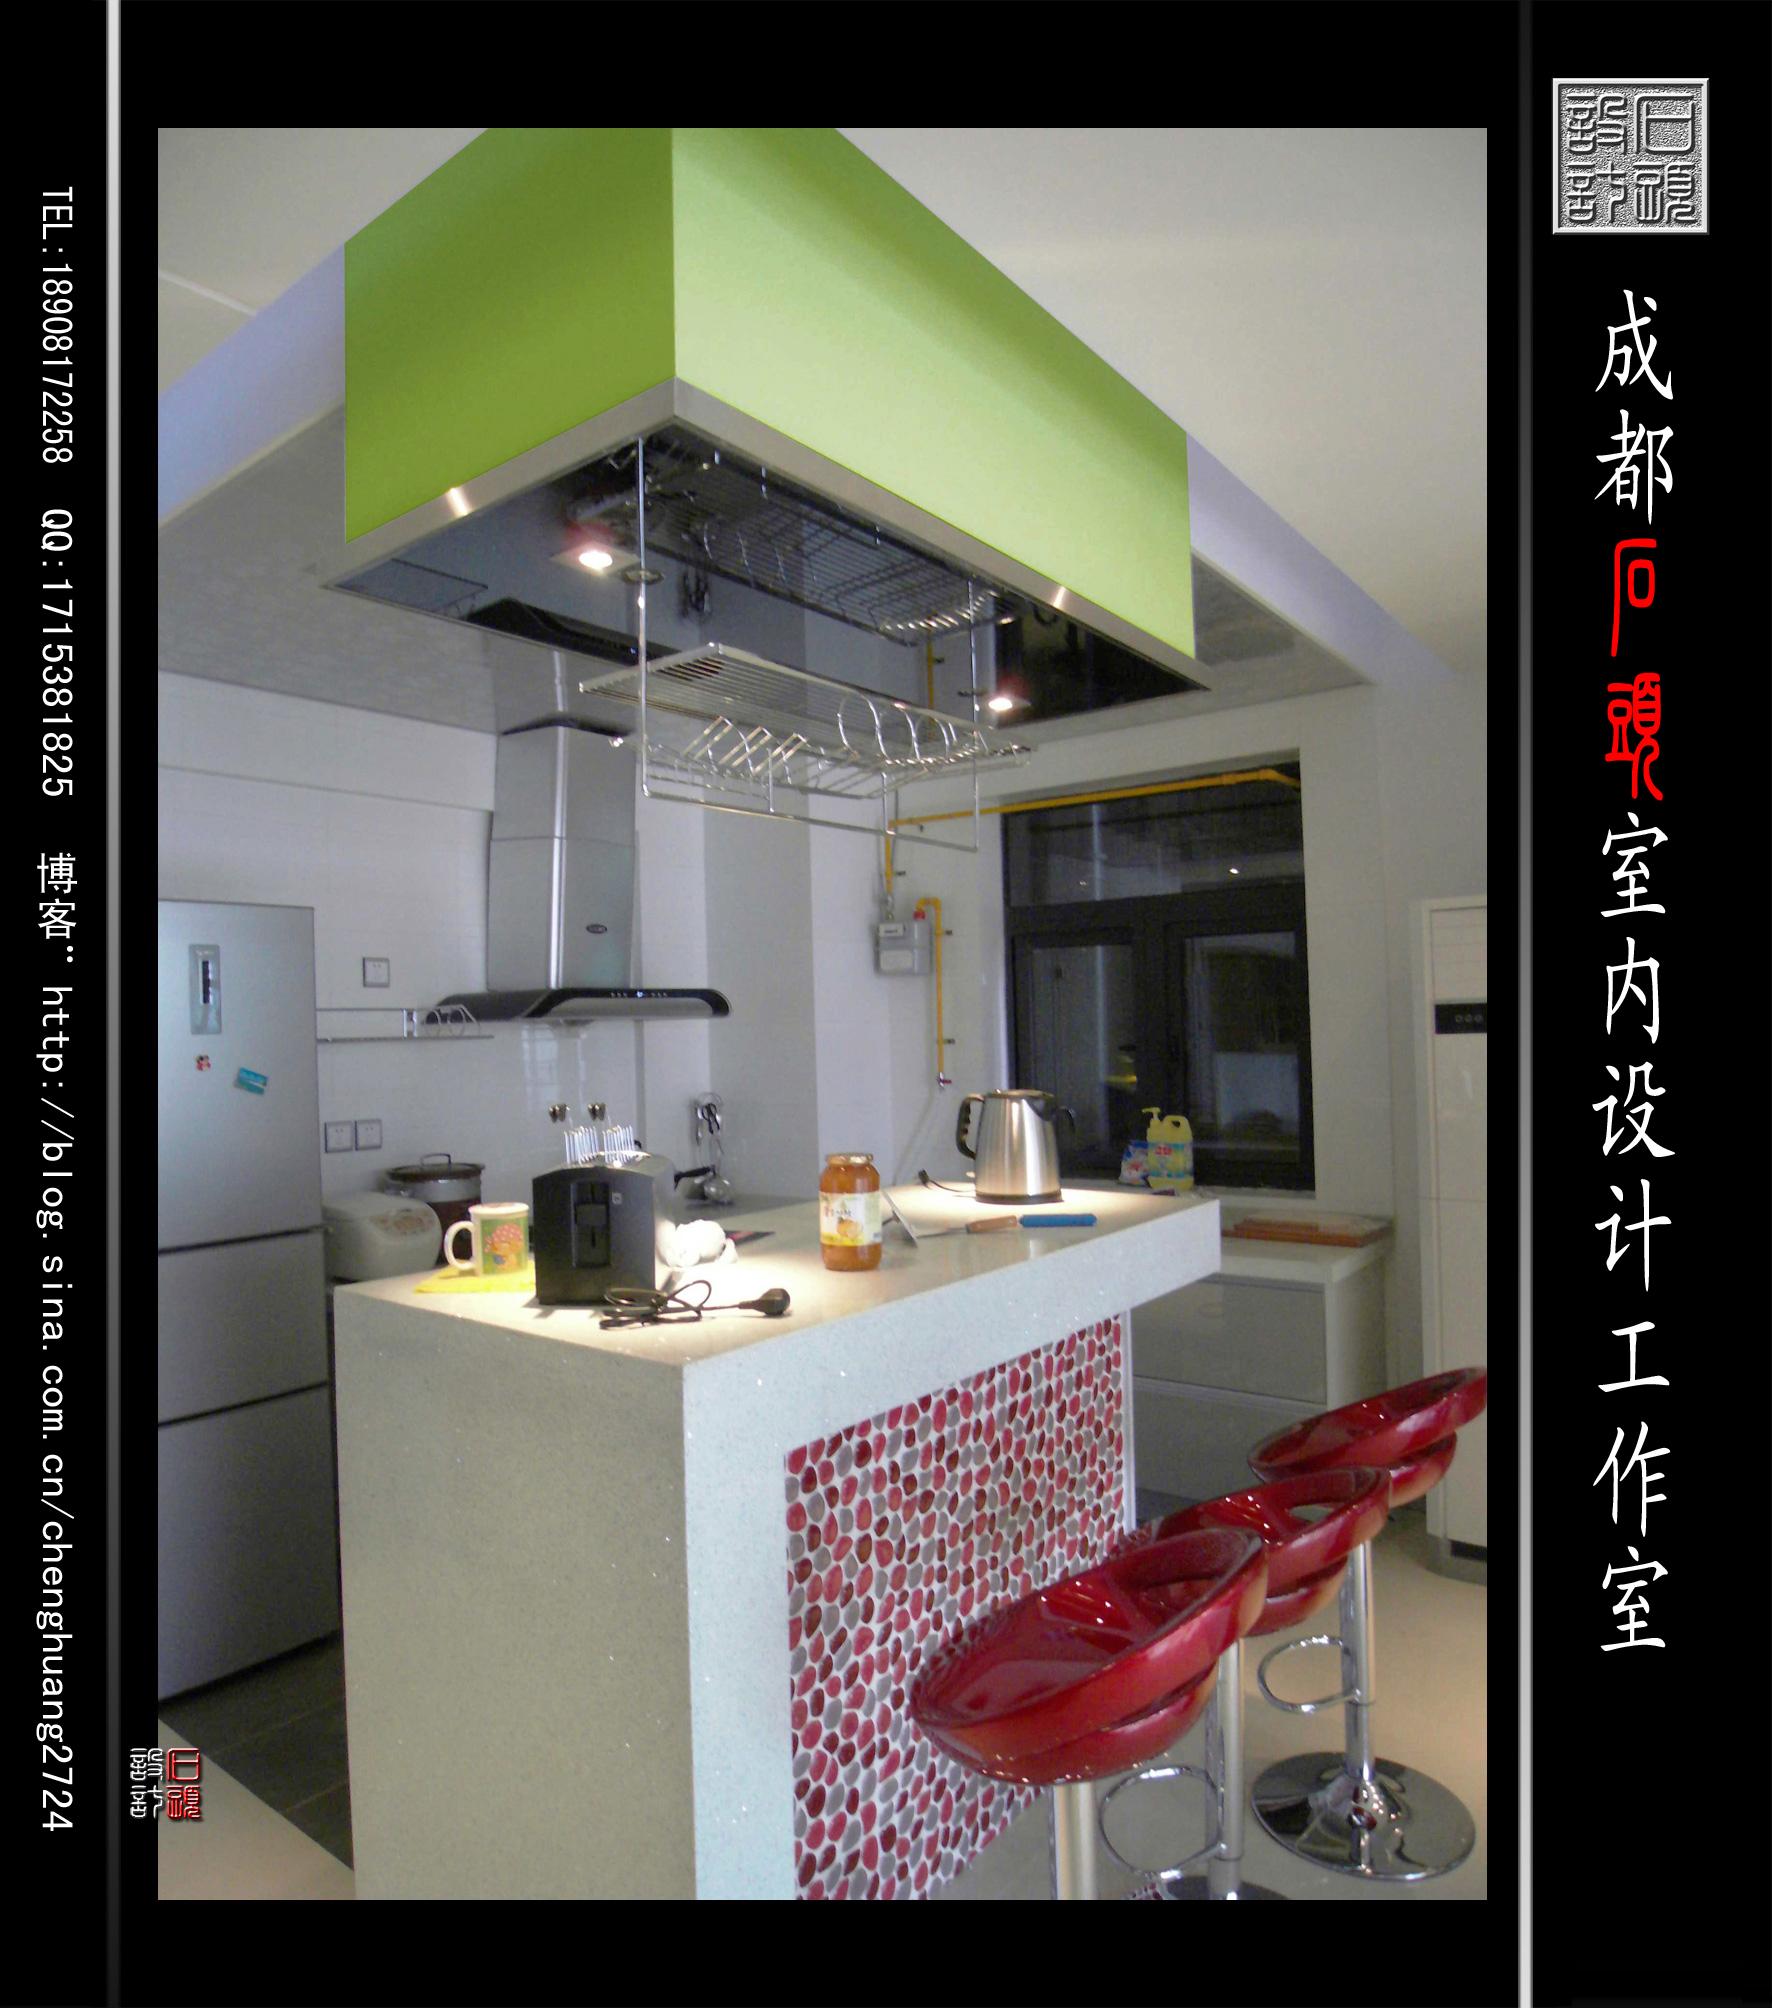 装饰设计 家装设计 家居 家装 装修 餐厅图片来自成都石头室内设计家装设计工作室在首座的分享